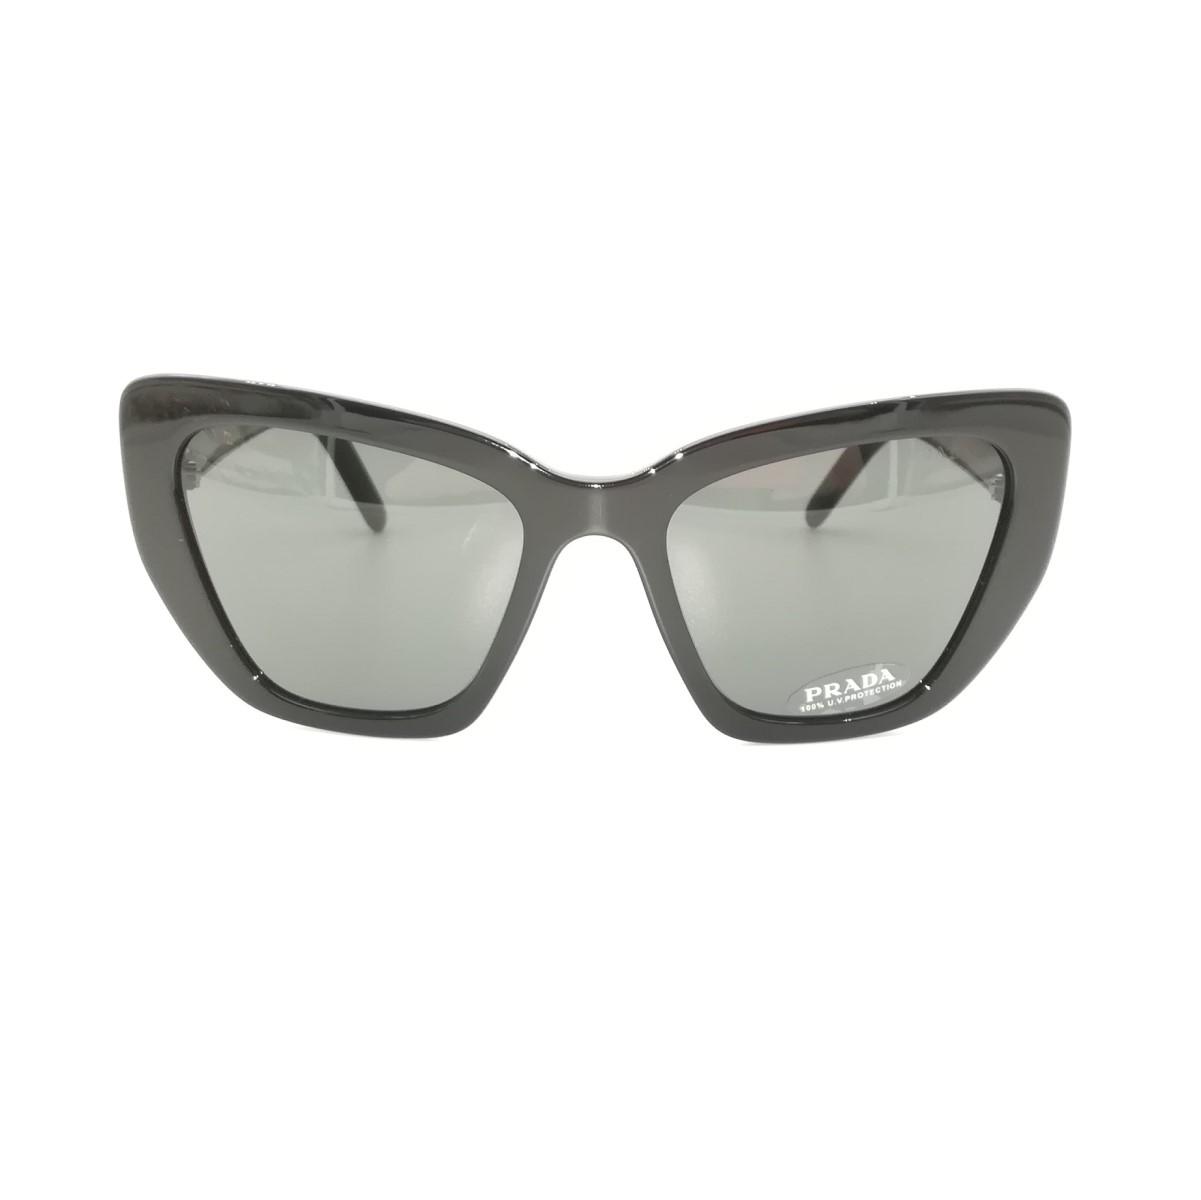 codice promozionale 9be40 8ce81 PRADA occhiale da sole donna SPR 08V